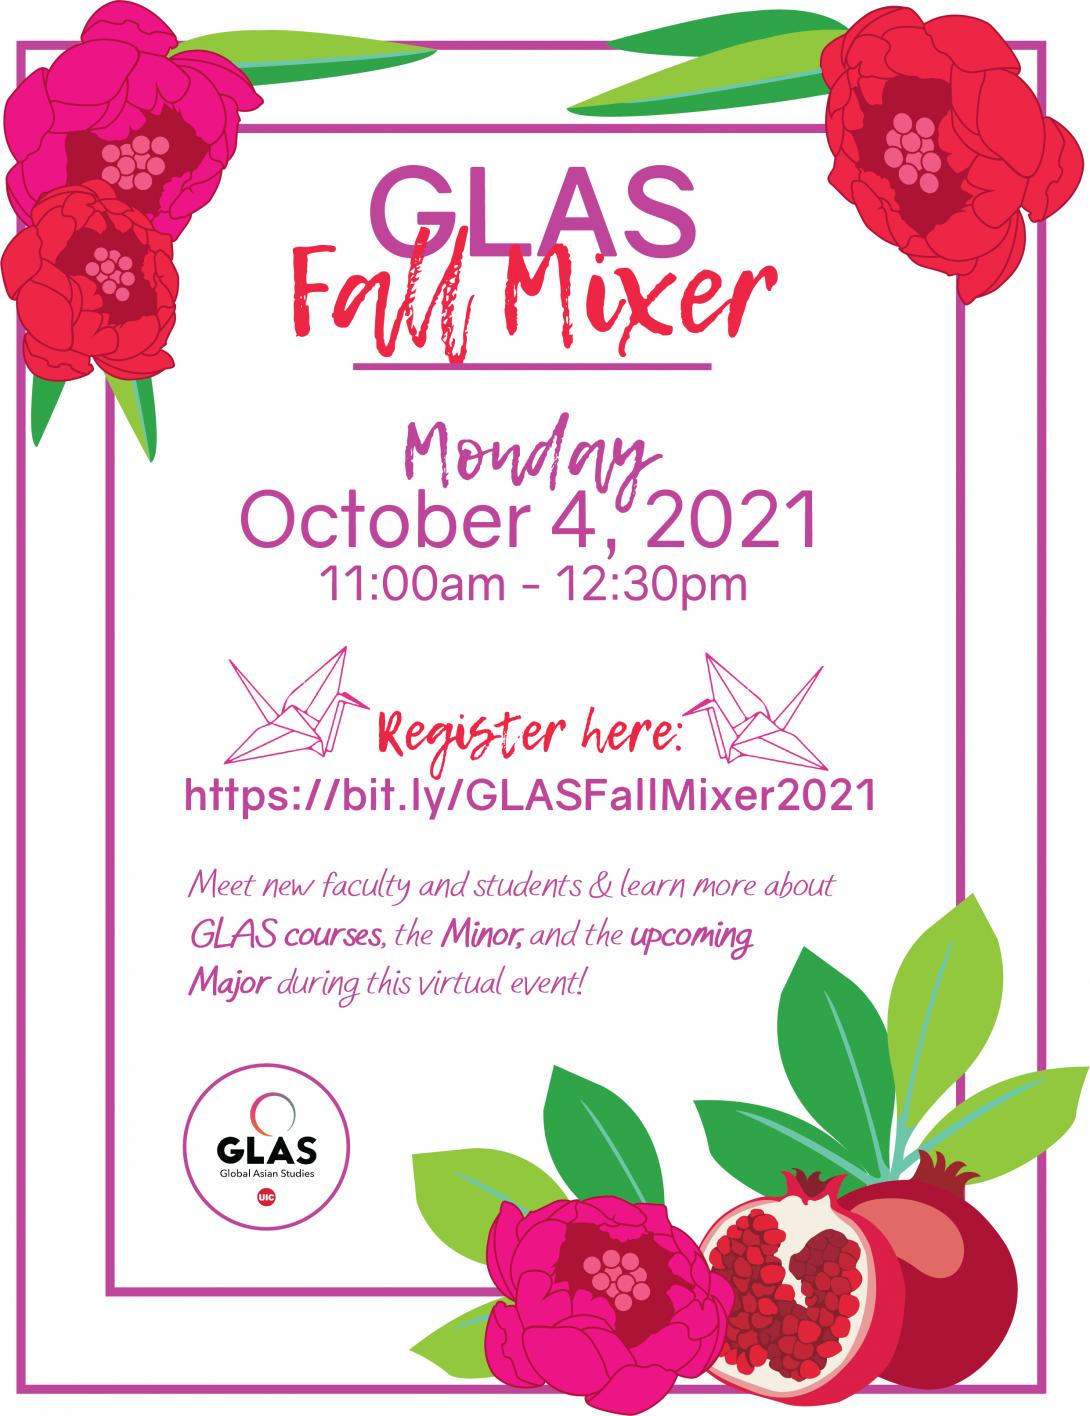 GLAS Fall 2021 Mixer